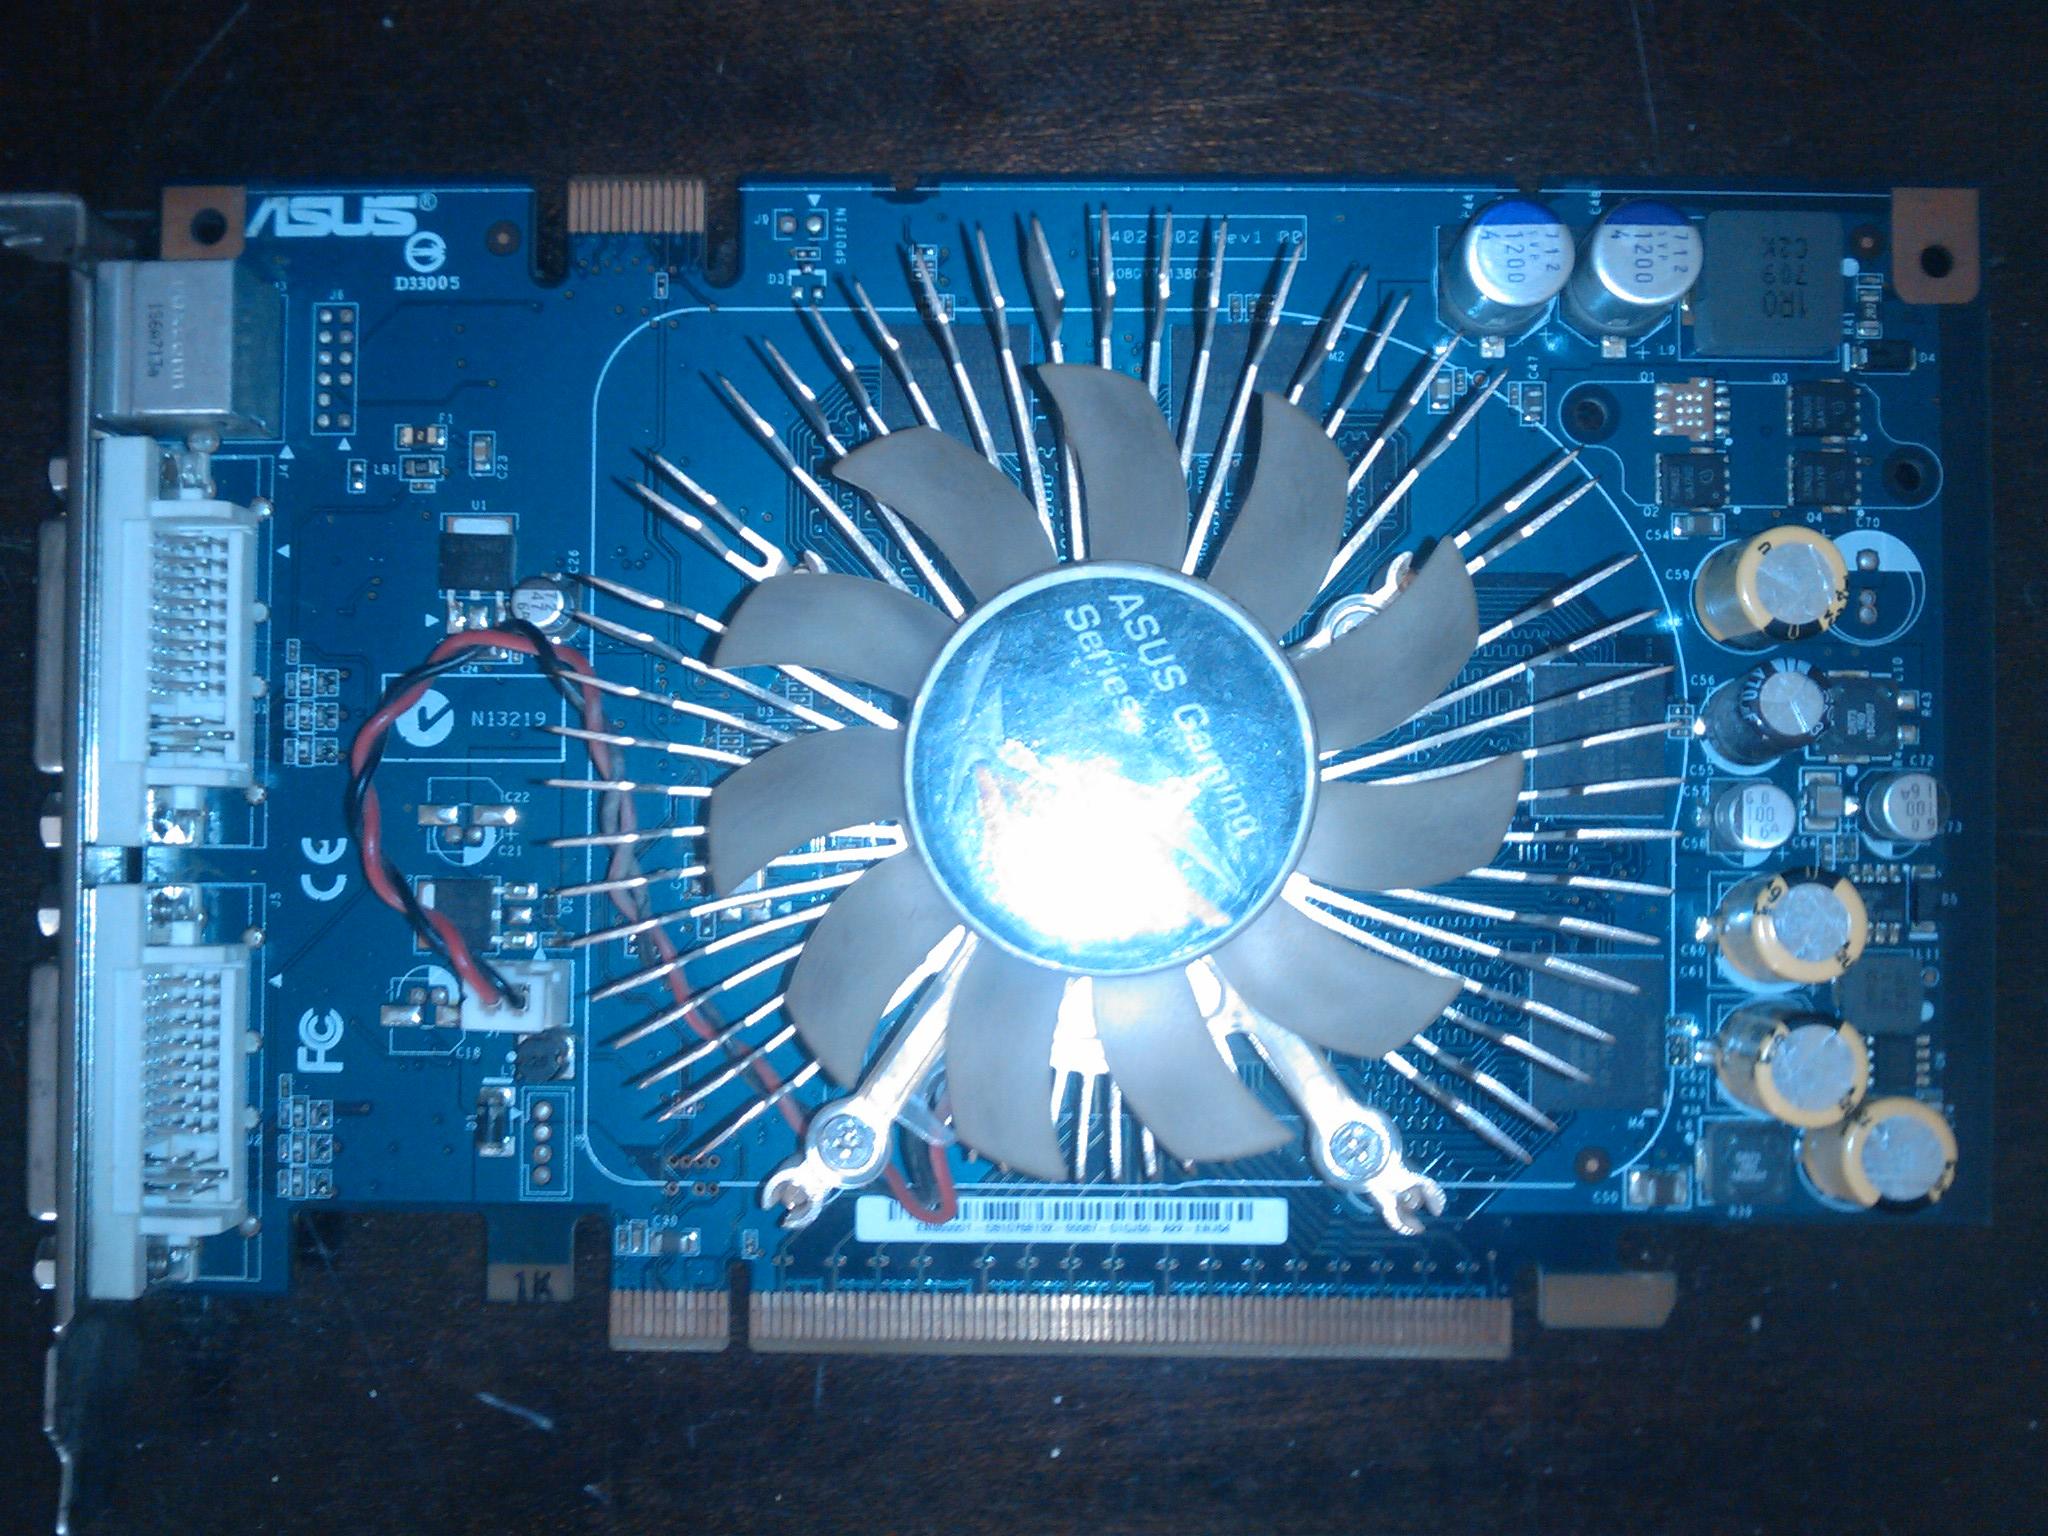 Asus 8600gt - Grafika piszczy po za�adowaniu sterownik�w